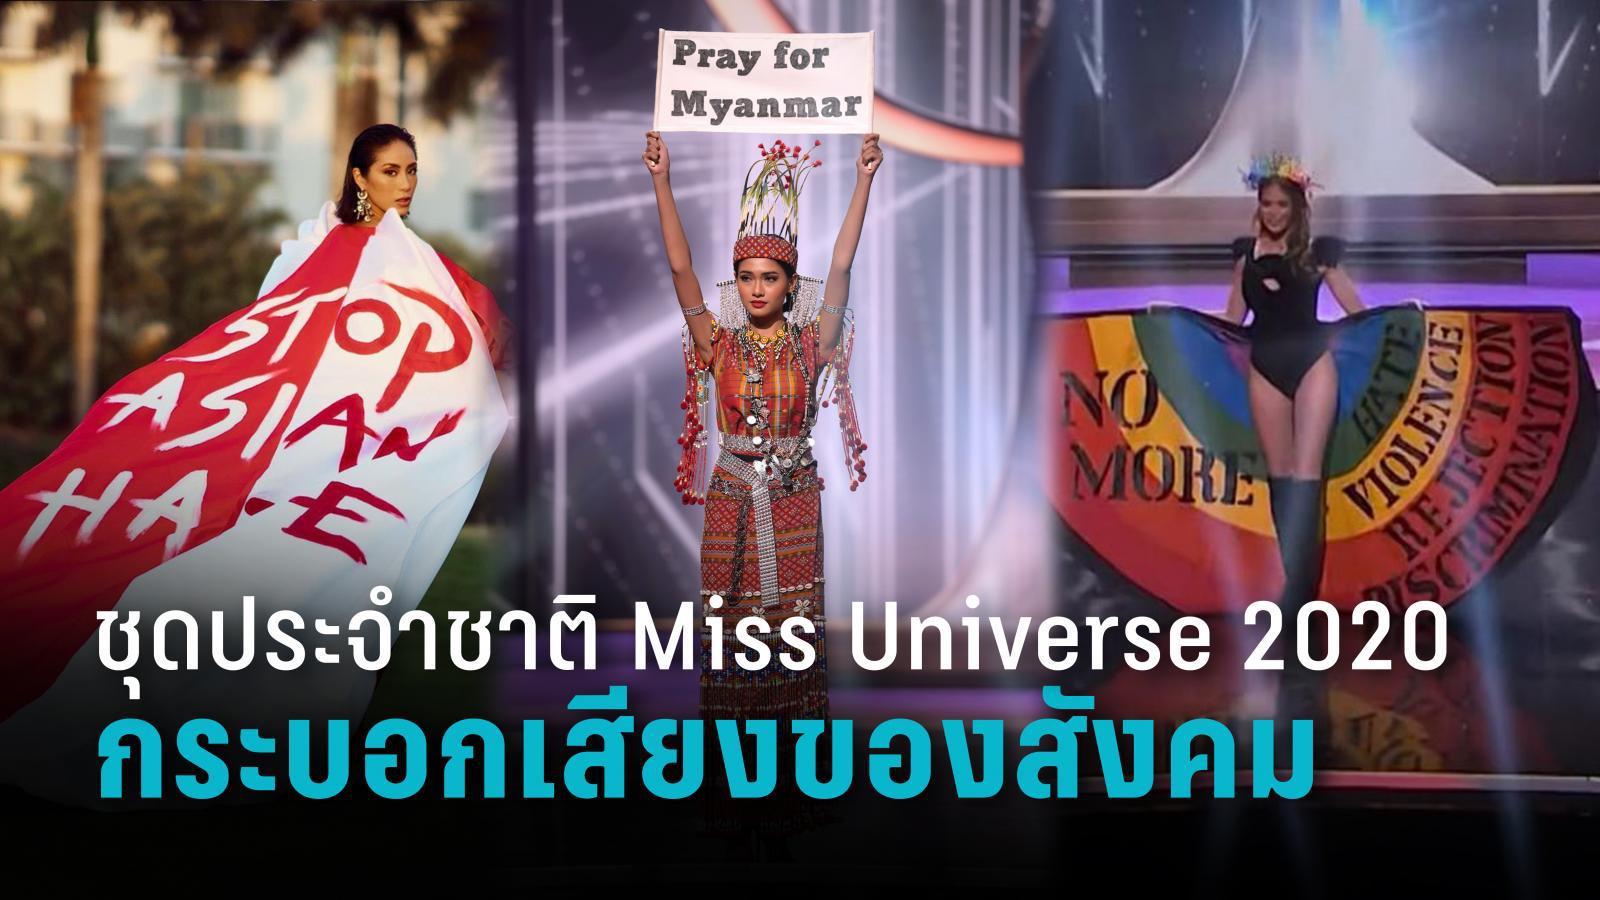 ชุดประจำชาติ Miss Universe 2020 กระบอกเสียงของประชาชน : PPTVHD36